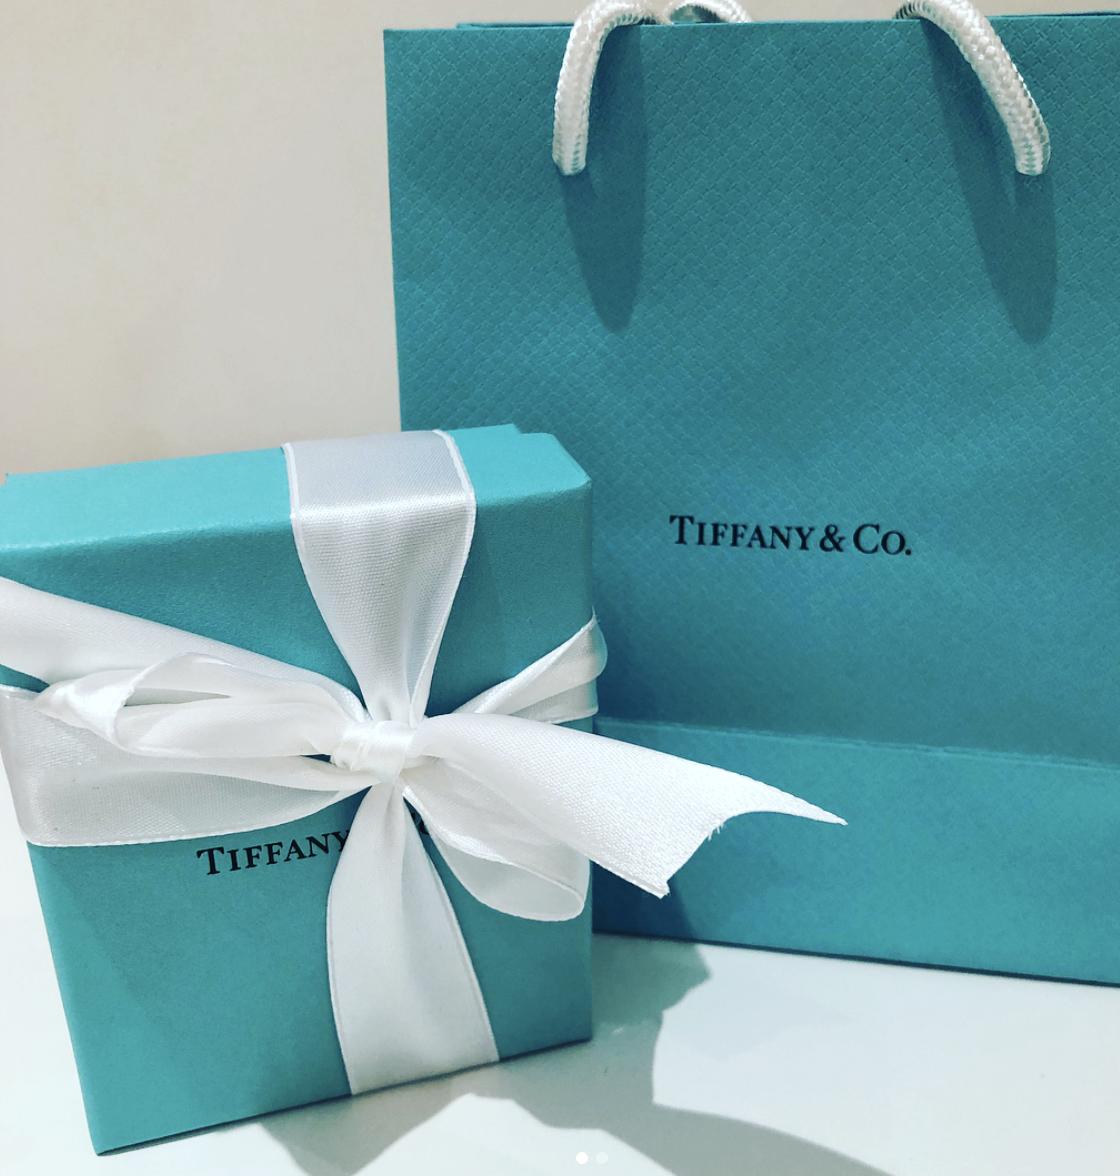 The Tiffany 'blue box'